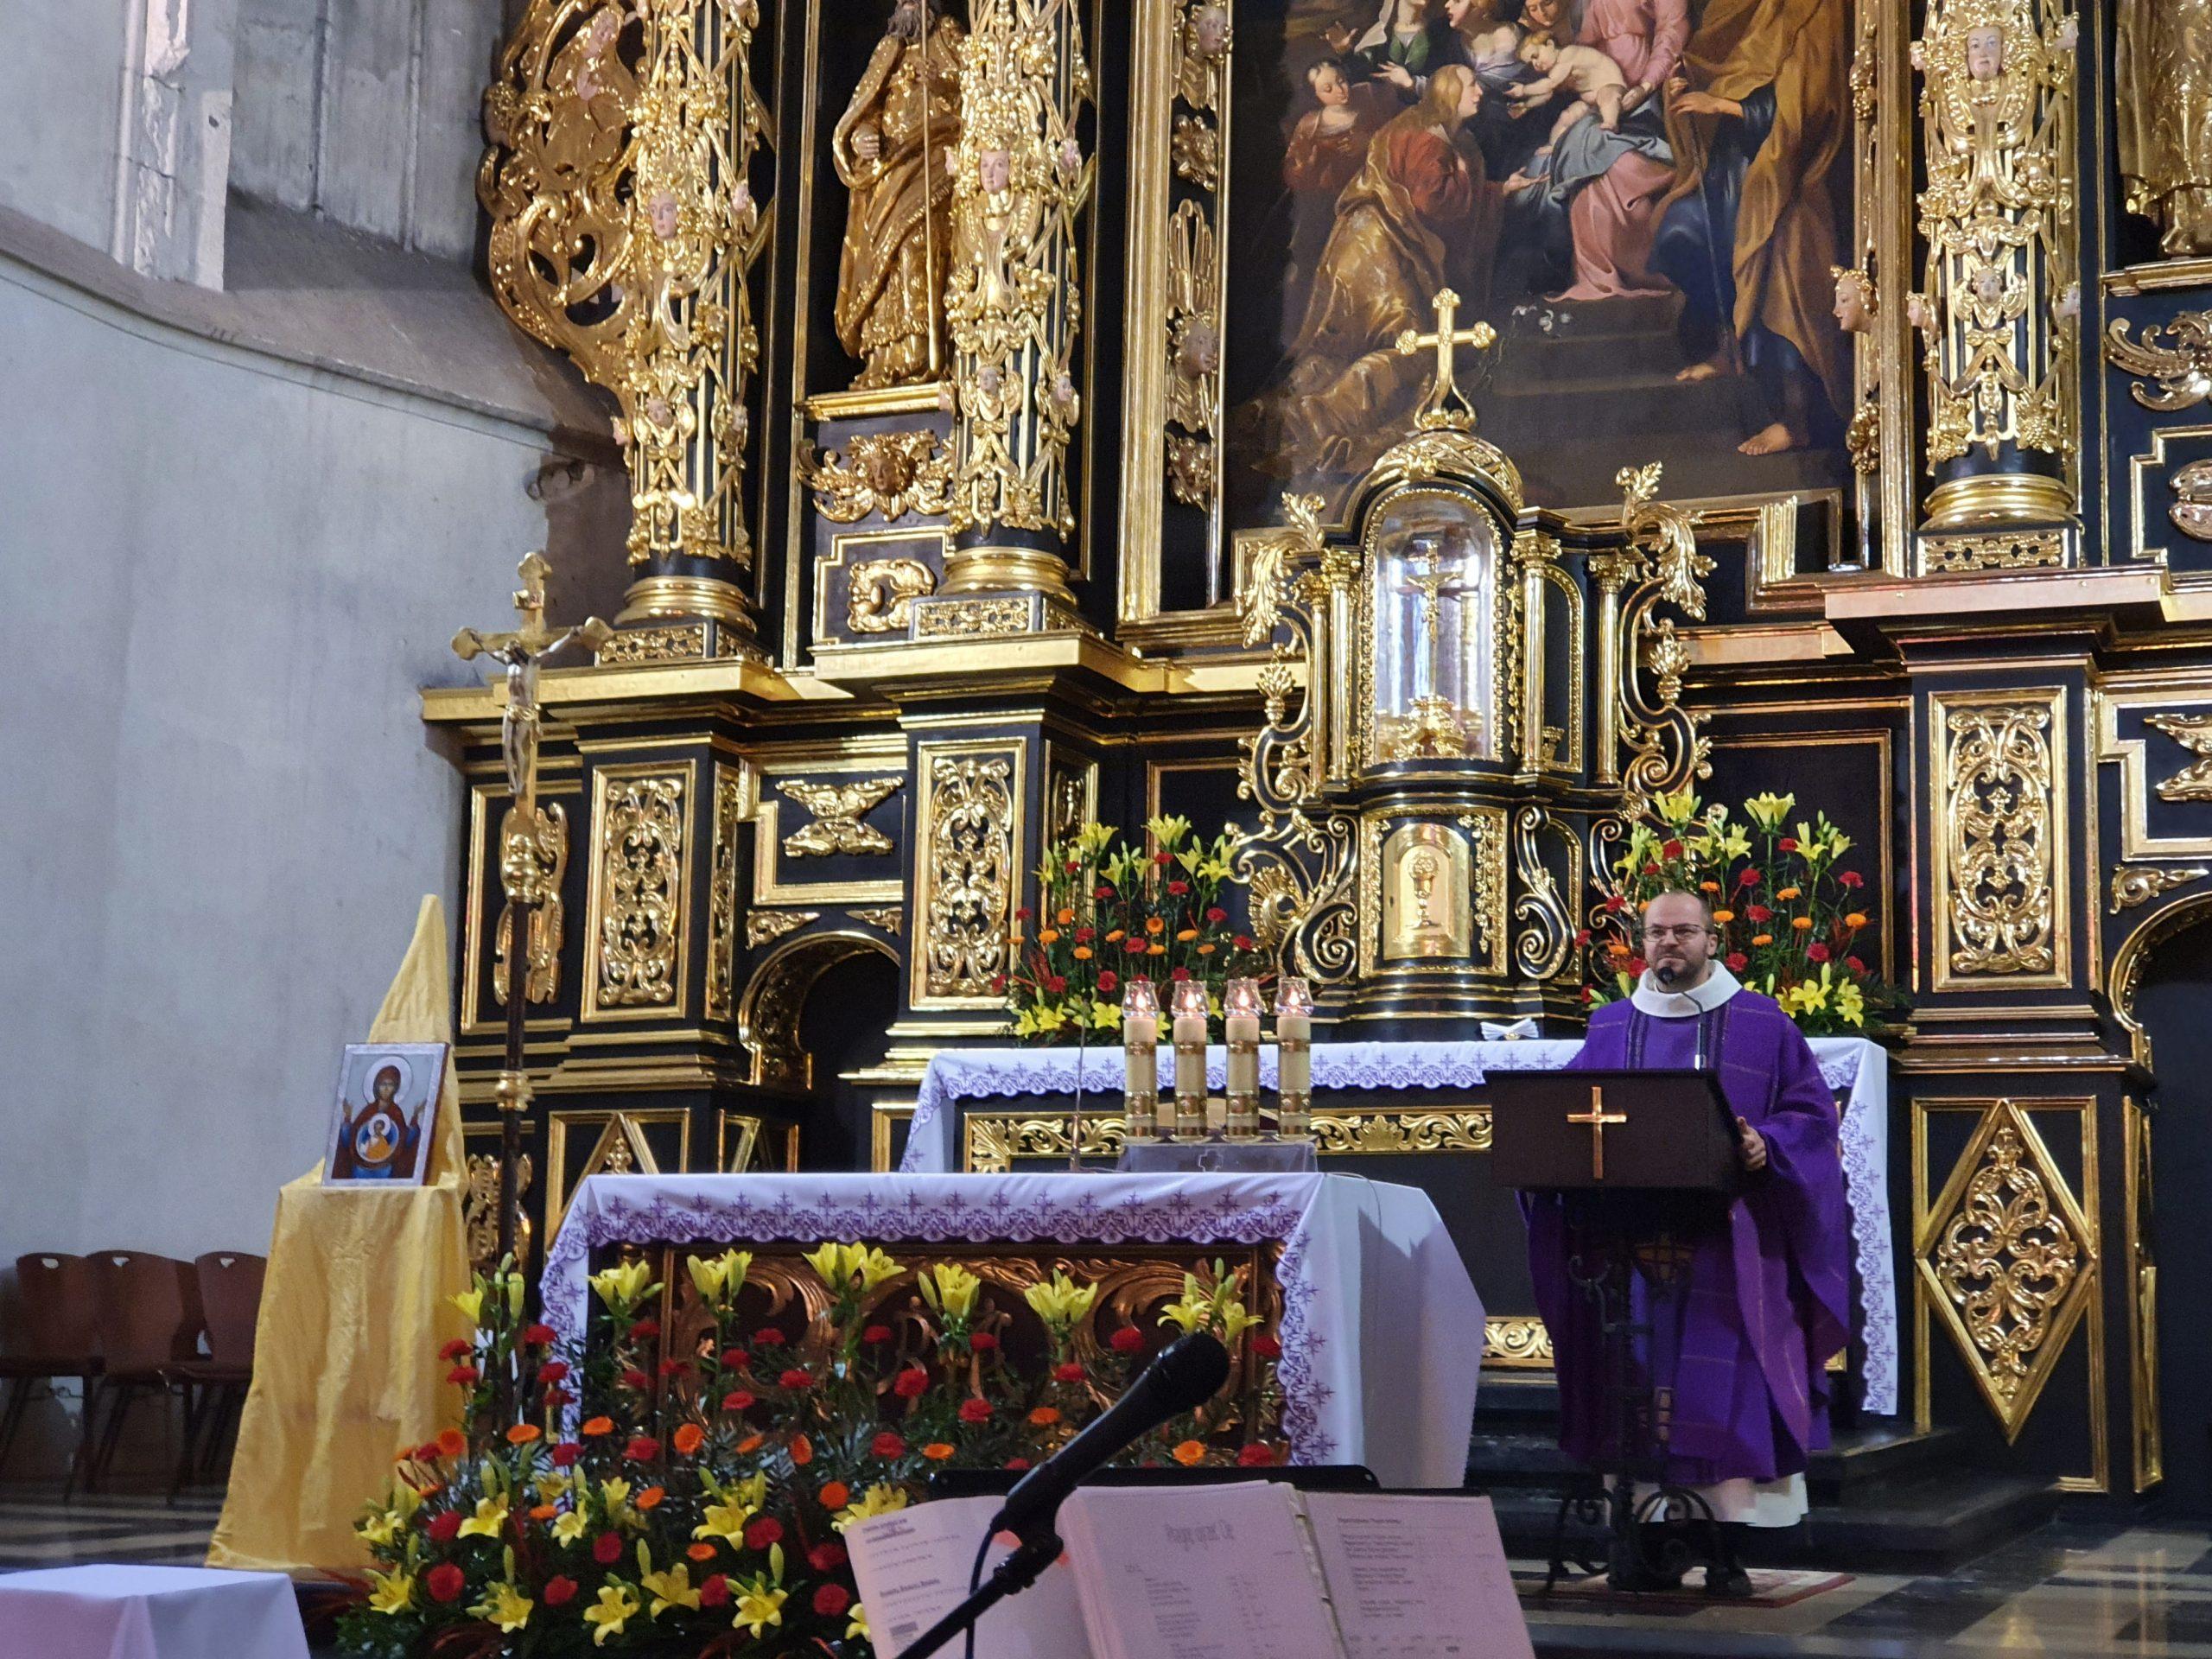 ołtarz w kościele i ksiądz prowadzący mszę